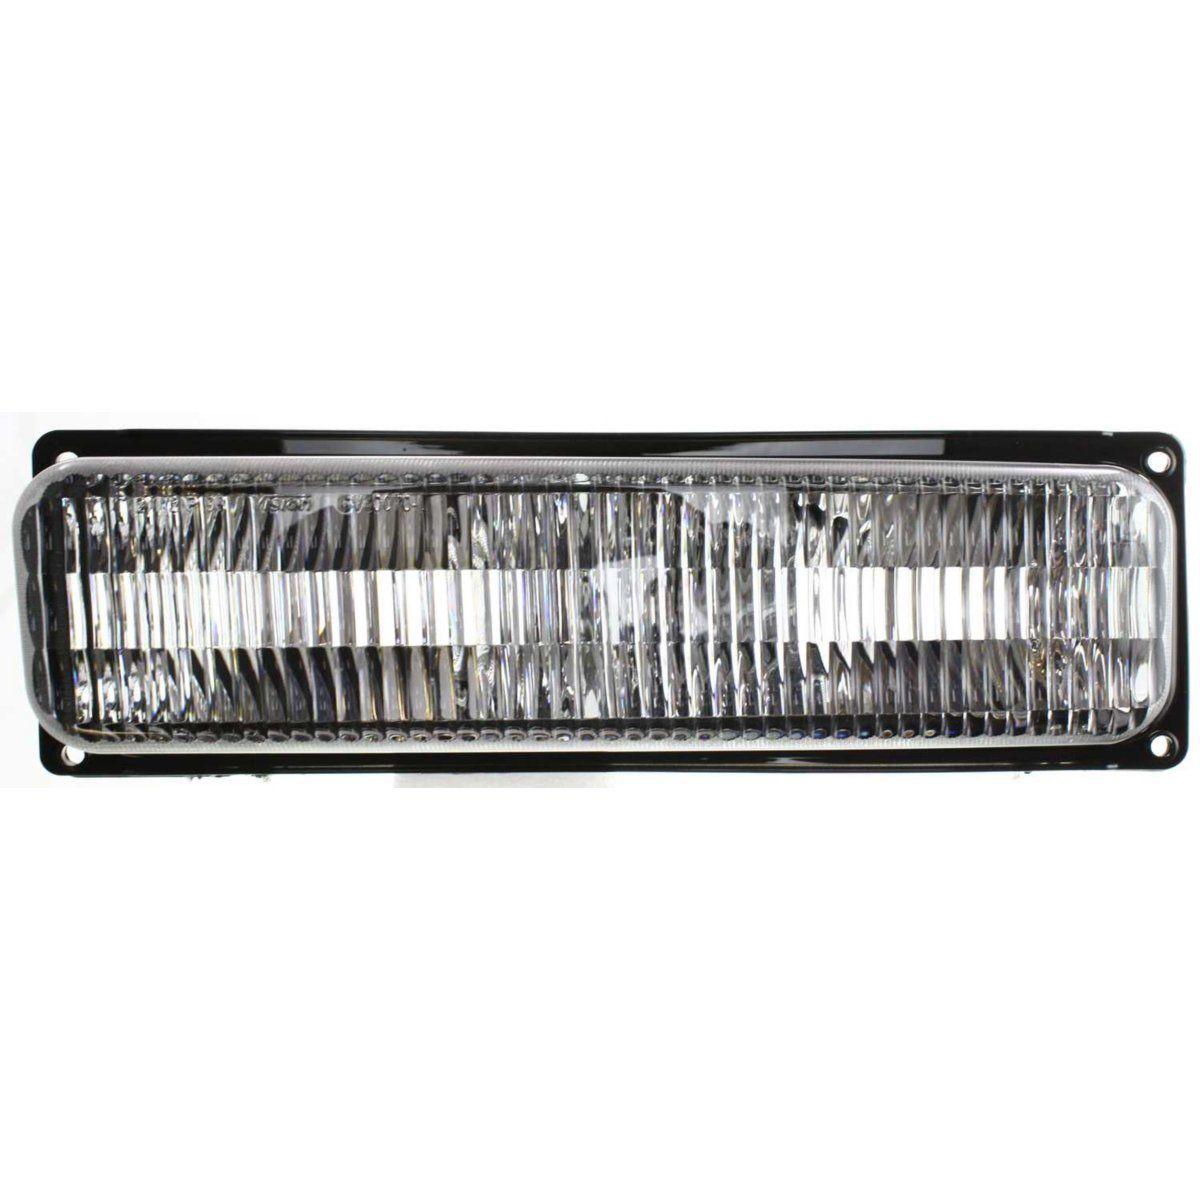 コーナーライト Parking Light For 1996-02 Chevy Express 3500 Lens/Housing w/Comp. Headlight Left パーキングライトFor 1996-02 Chevy Express 3500レンズ/ハウジング付Comp。 ヘッドライトを左に